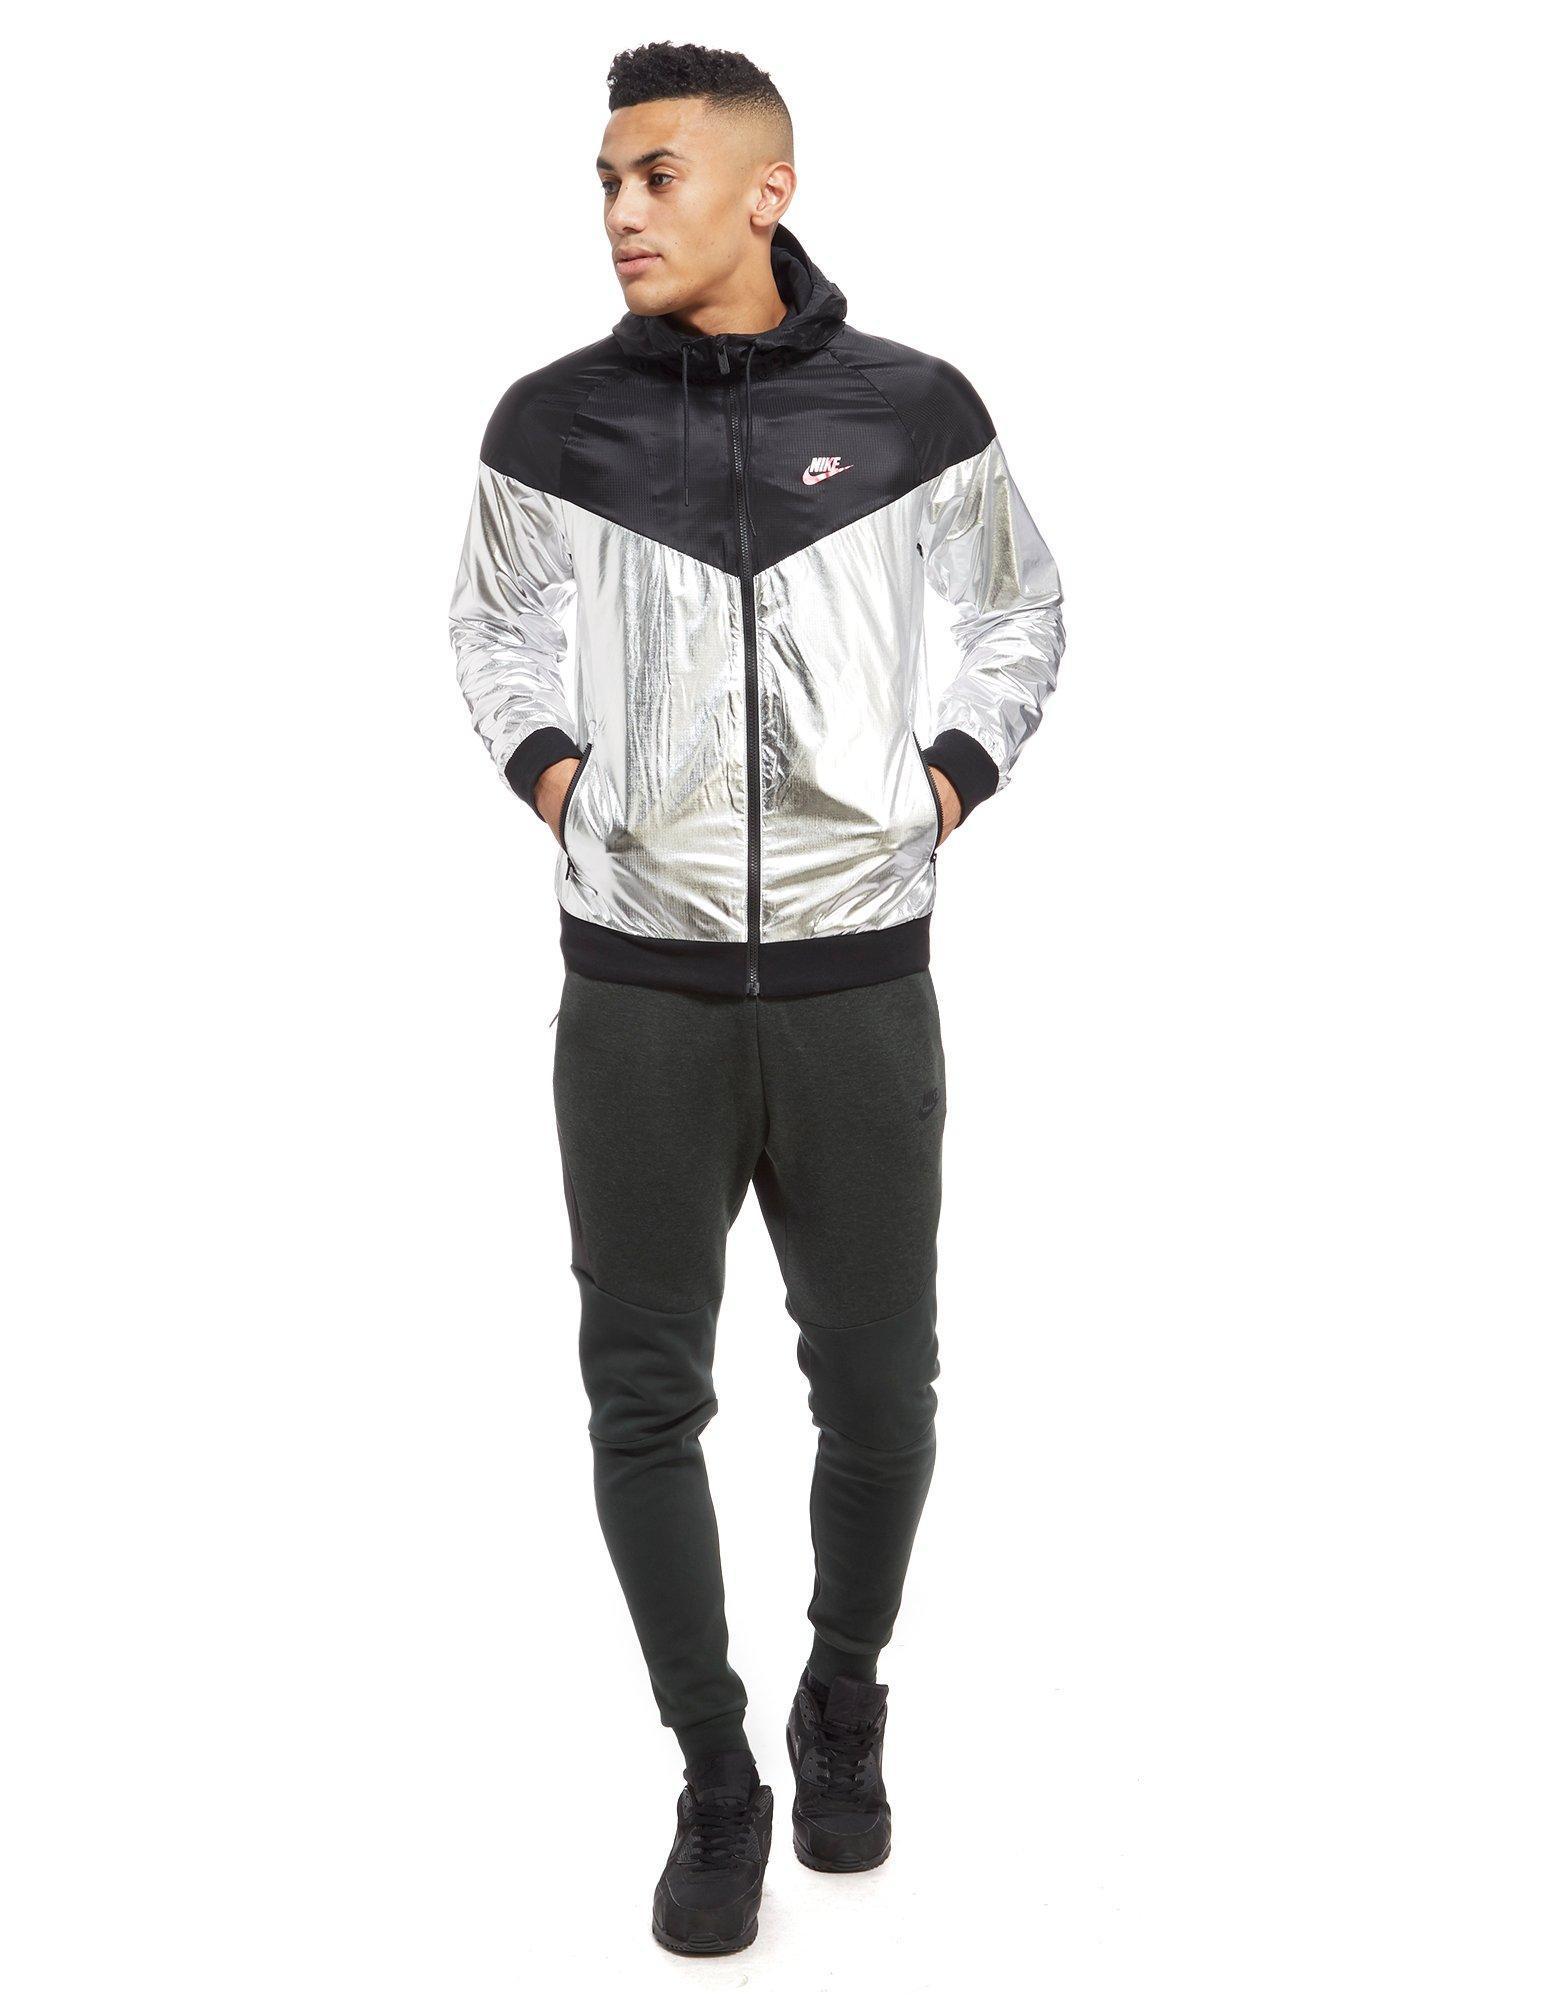 Lyst - Nike Windrunner Lightweight Foil Jacket in Metallic for Men 6db60e14c